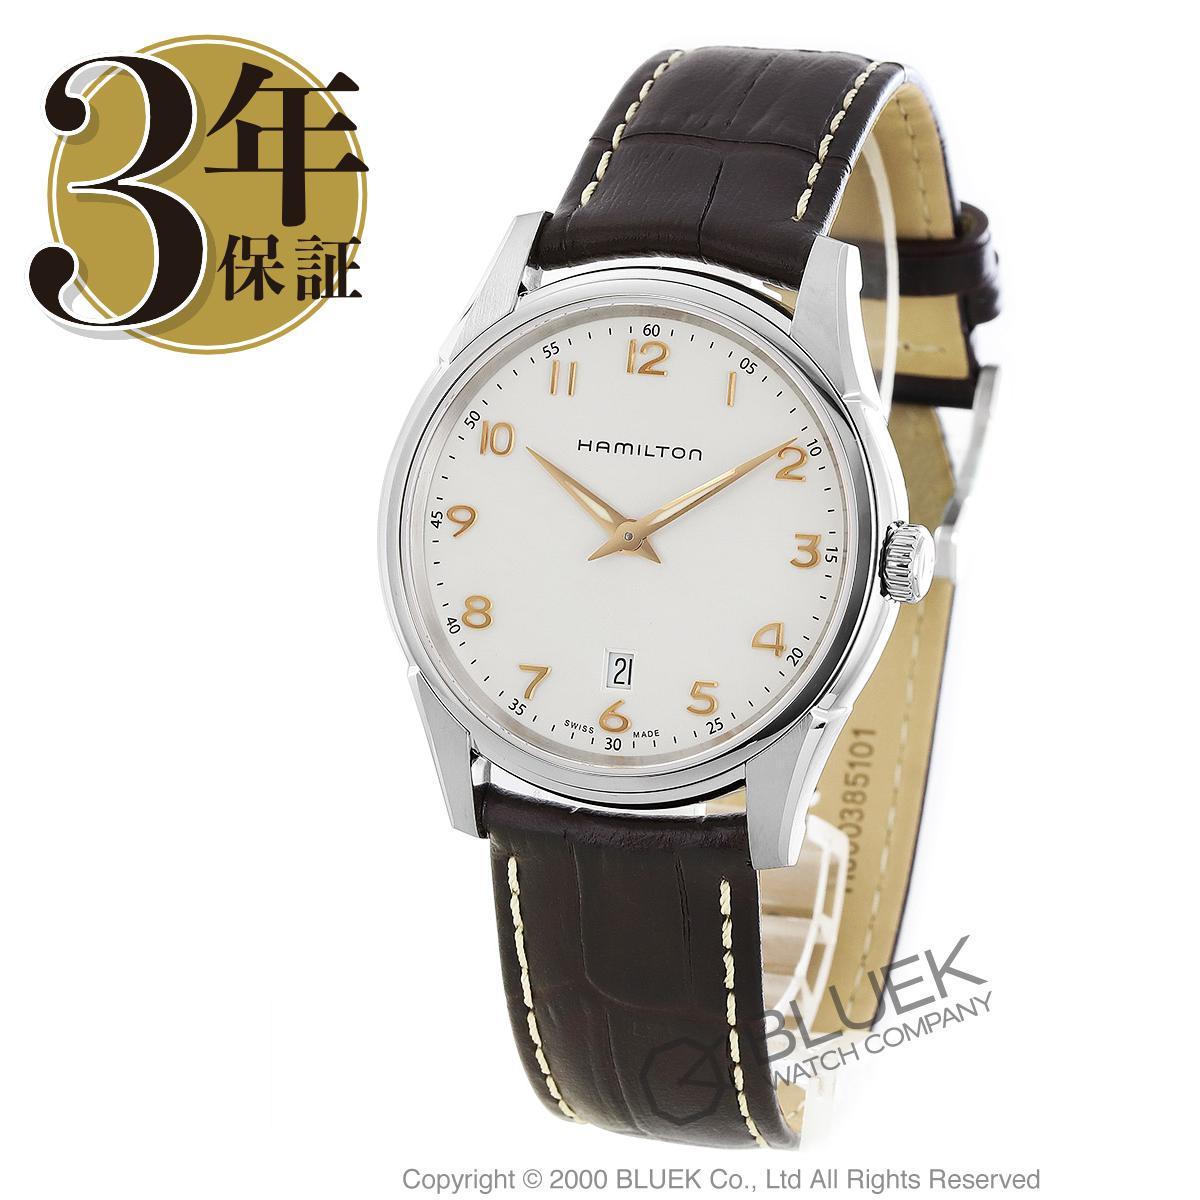 ハミルトン ジャズマスター シンライン 腕時計 メンズ HAMILTON H38511513_8 バーゲン 成人祝い ギフト プレゼント